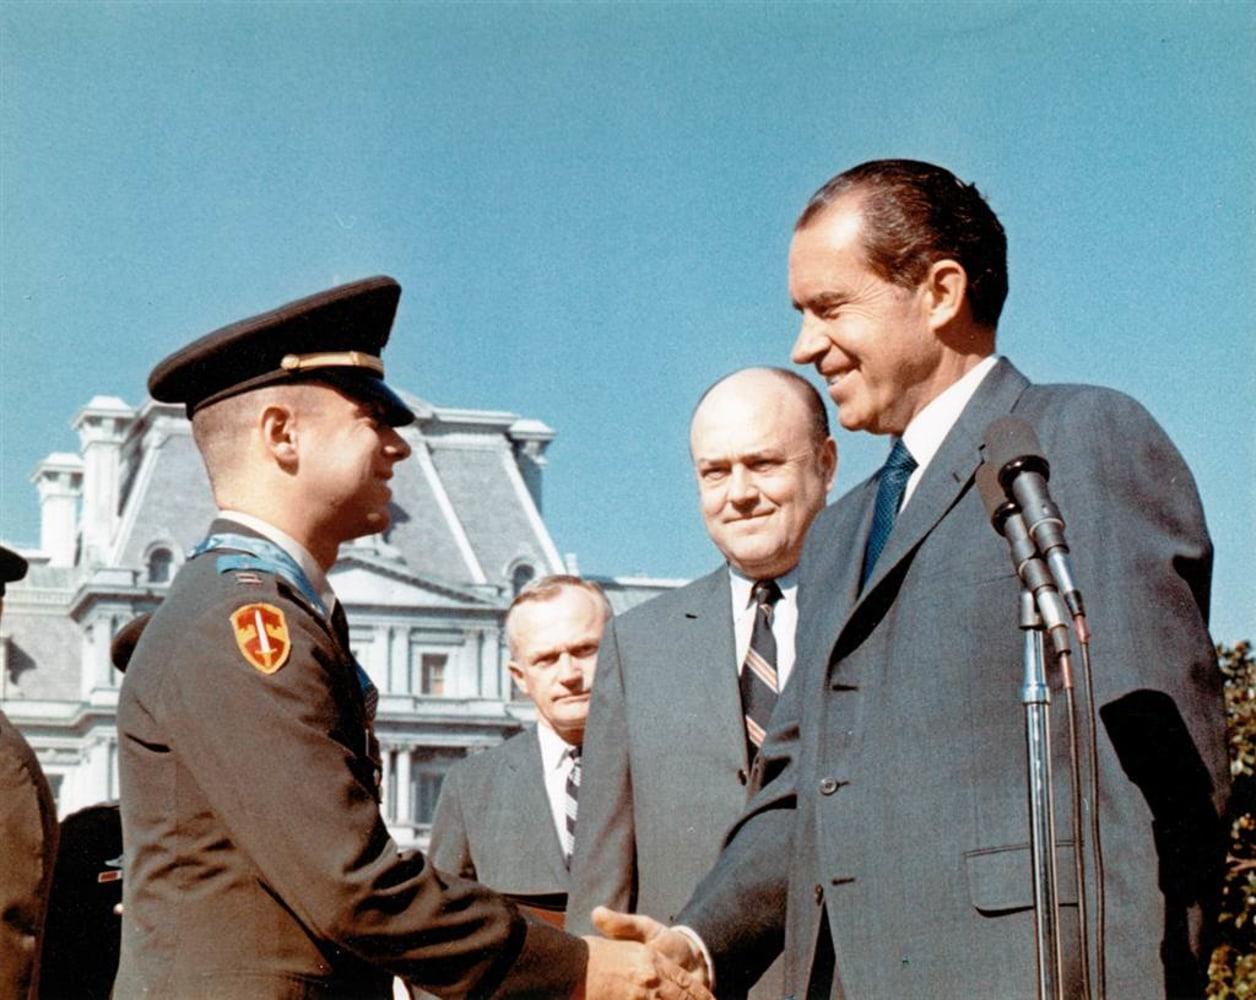 Melvin Laird, Vietnam War defense secretary, dies at 94